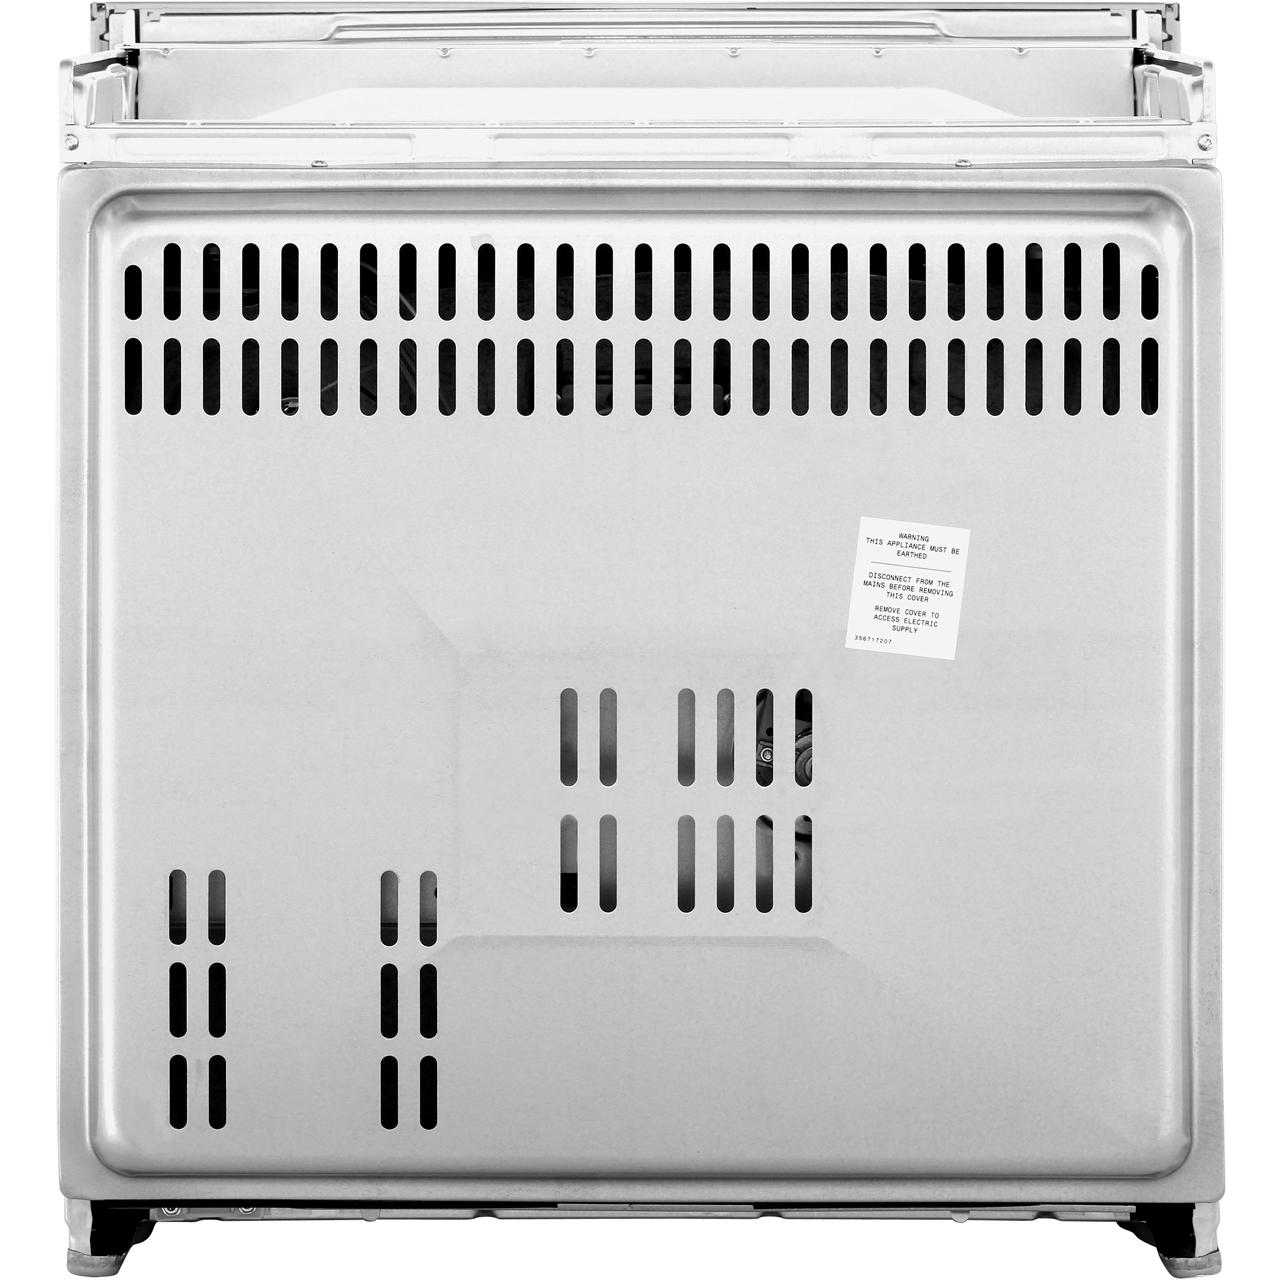 Zanussi Zpvf4130x Single Oven Amp Ceramic Hob Built In